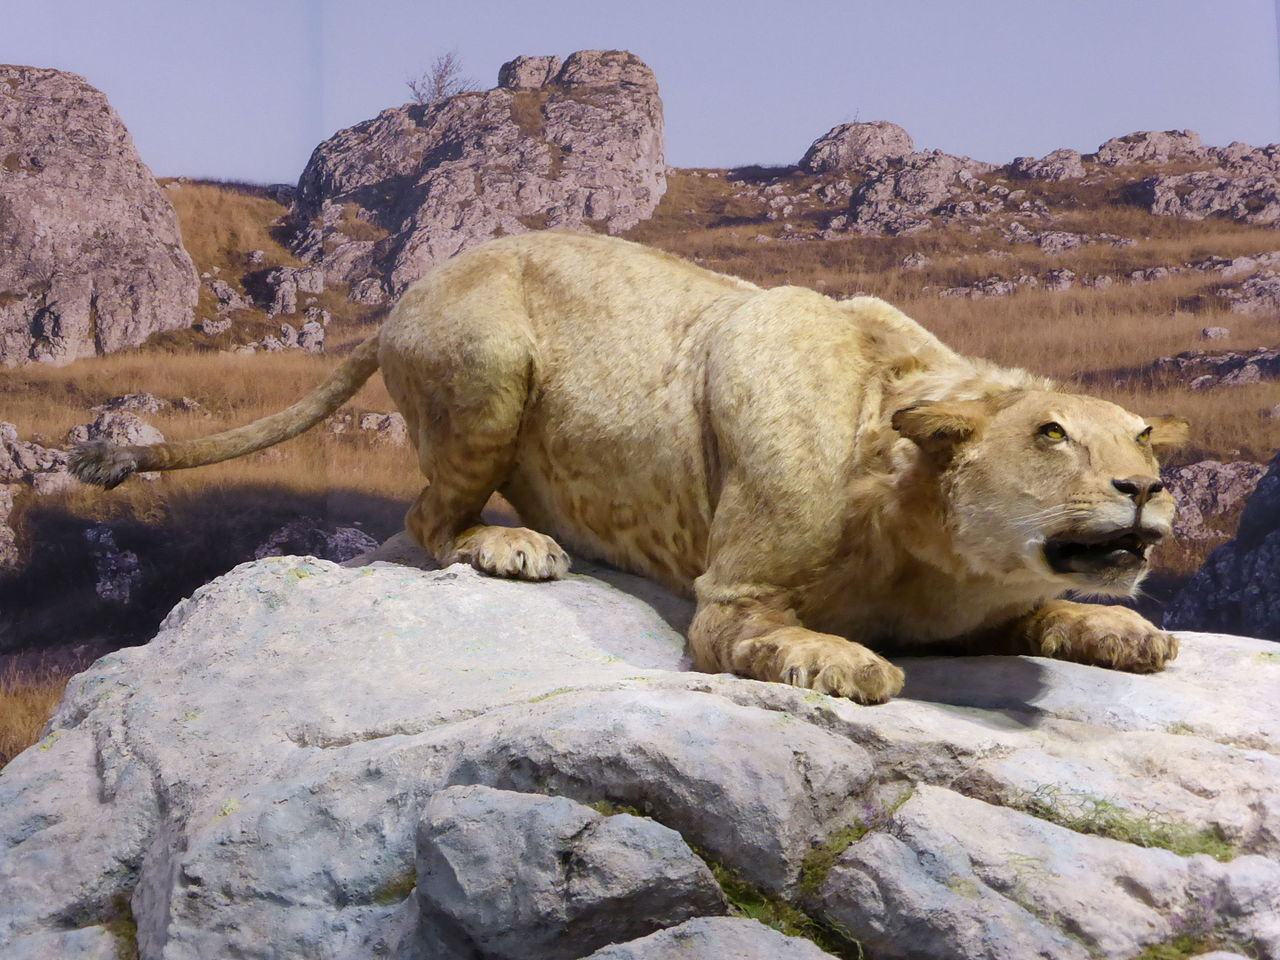 Pećinski lav, ilustracija: Sémhur / Wikimedia